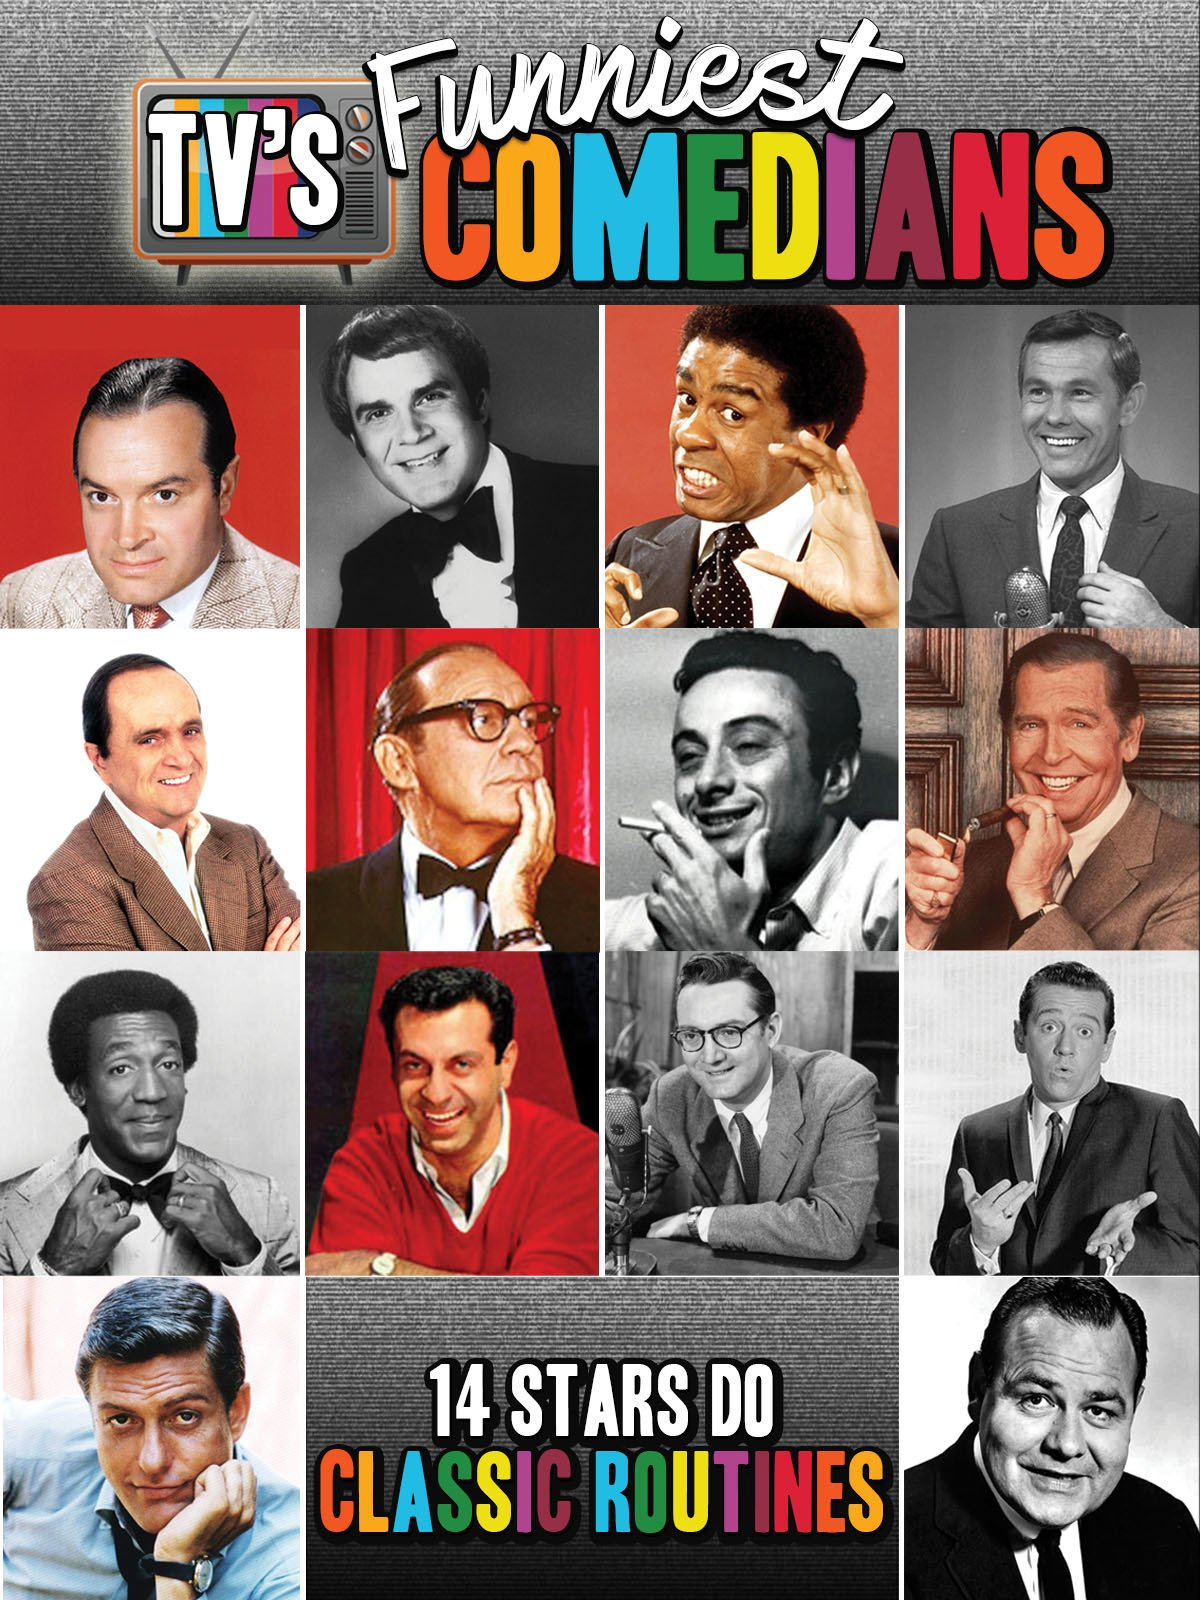 TV's Funniest Comedians